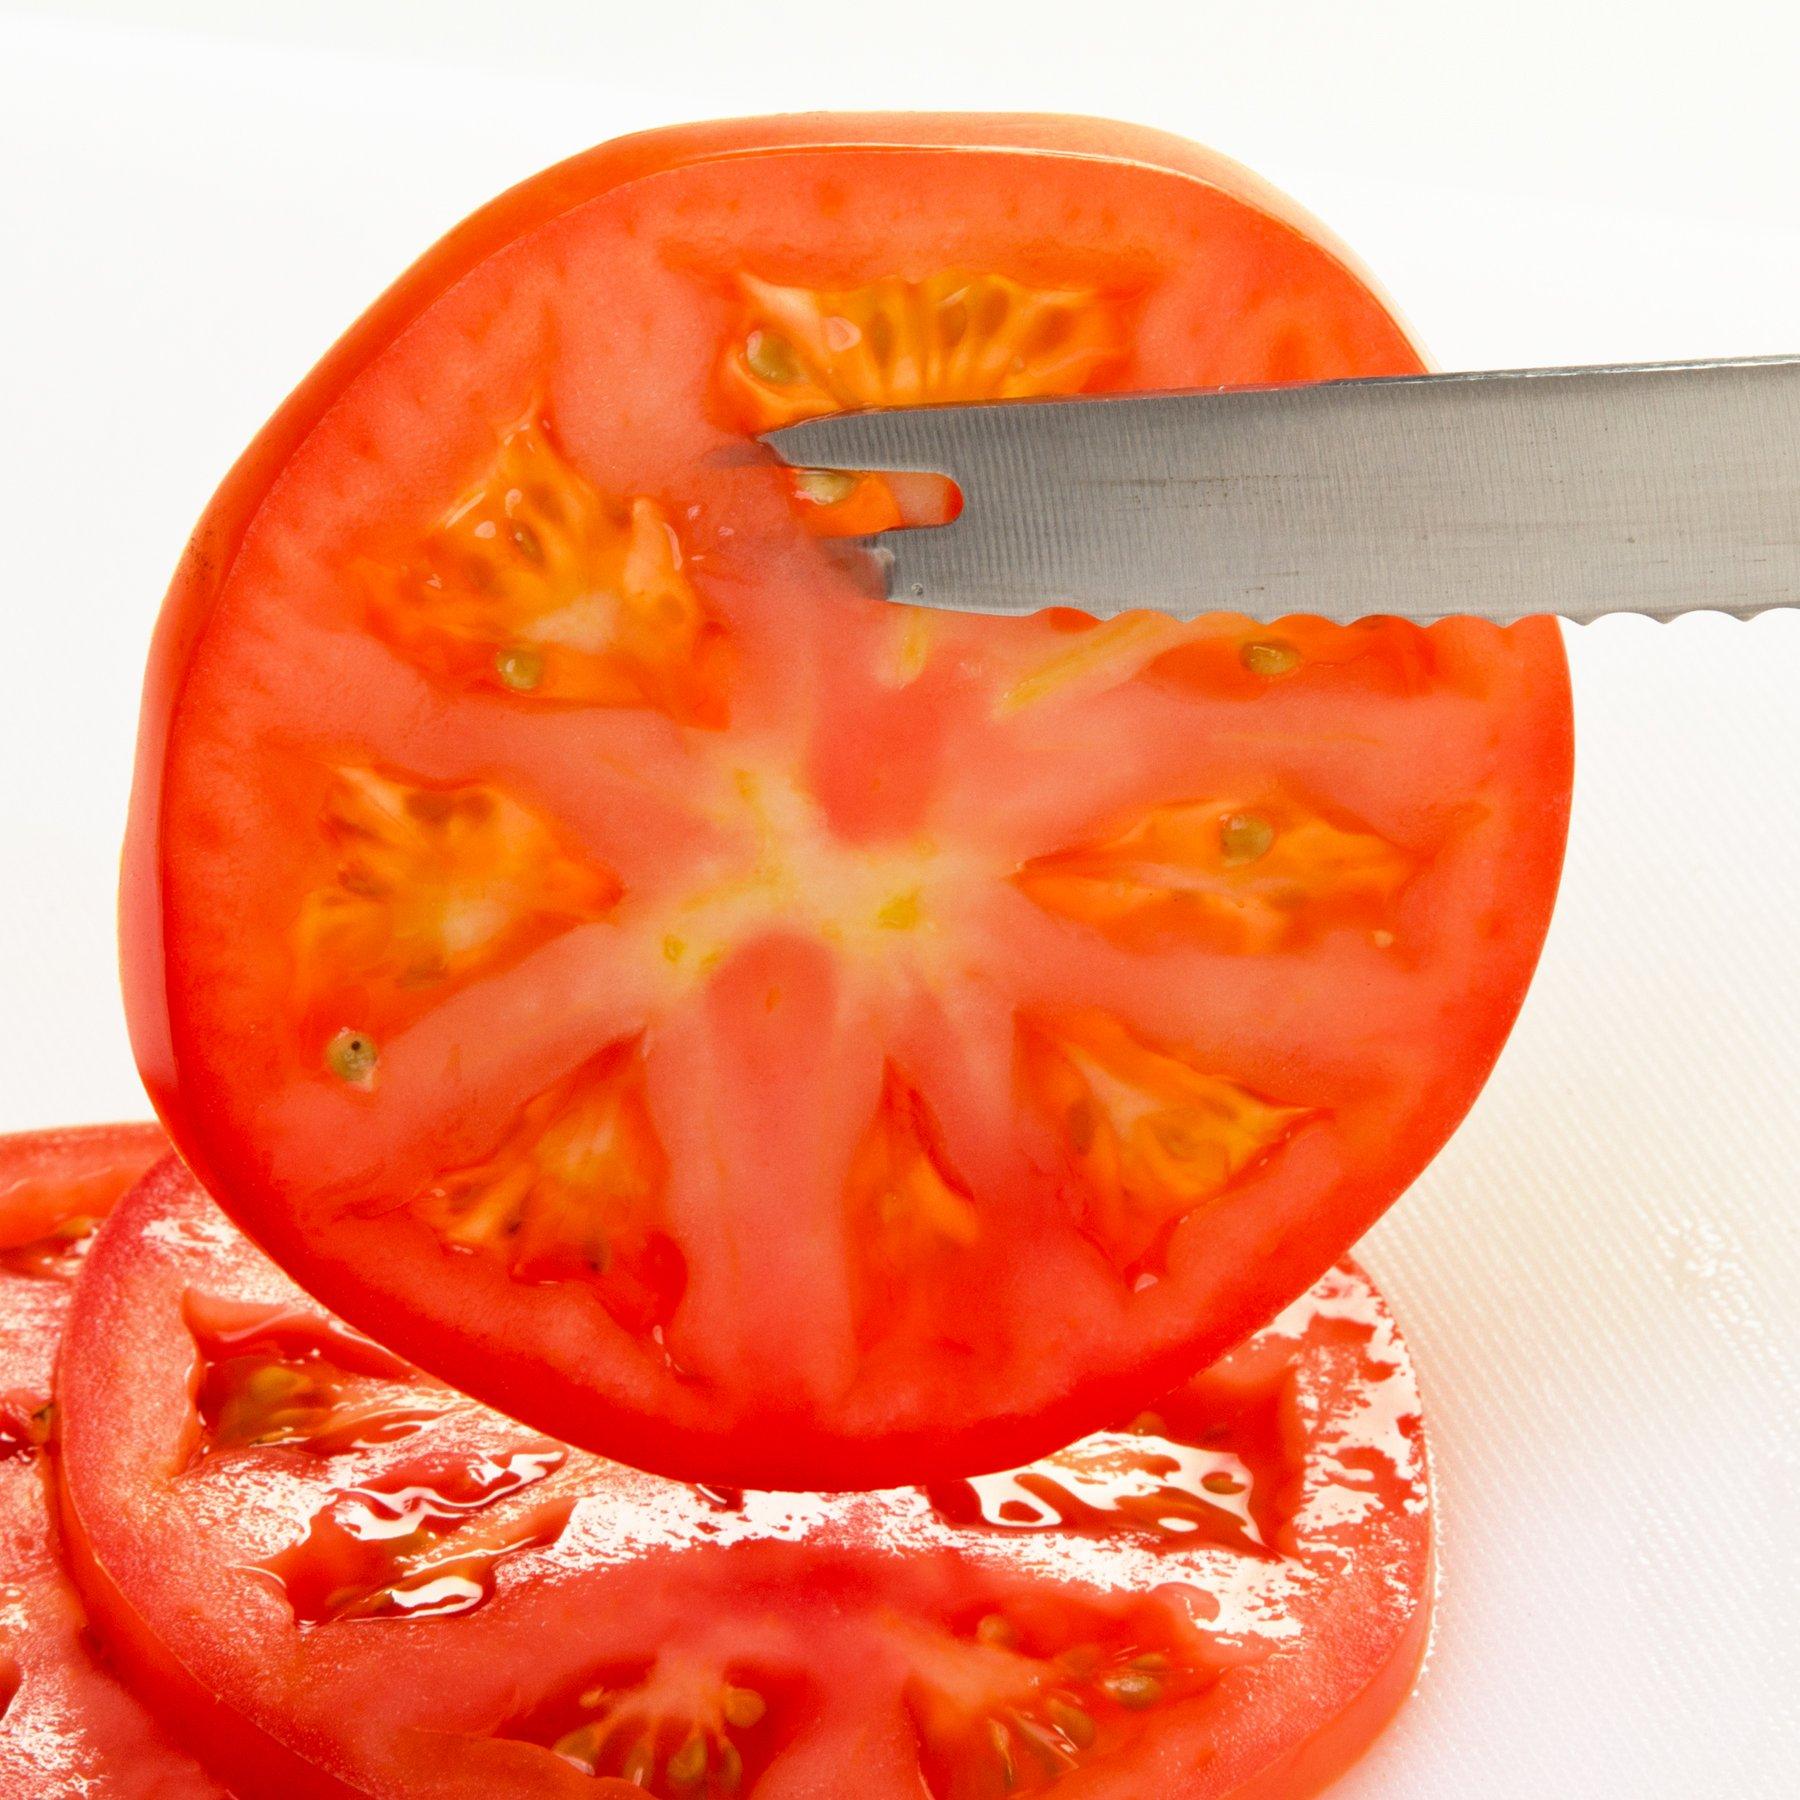 Prepworks by Progressive 3-in-1 Tomato Tool by Progressive (Image #4)